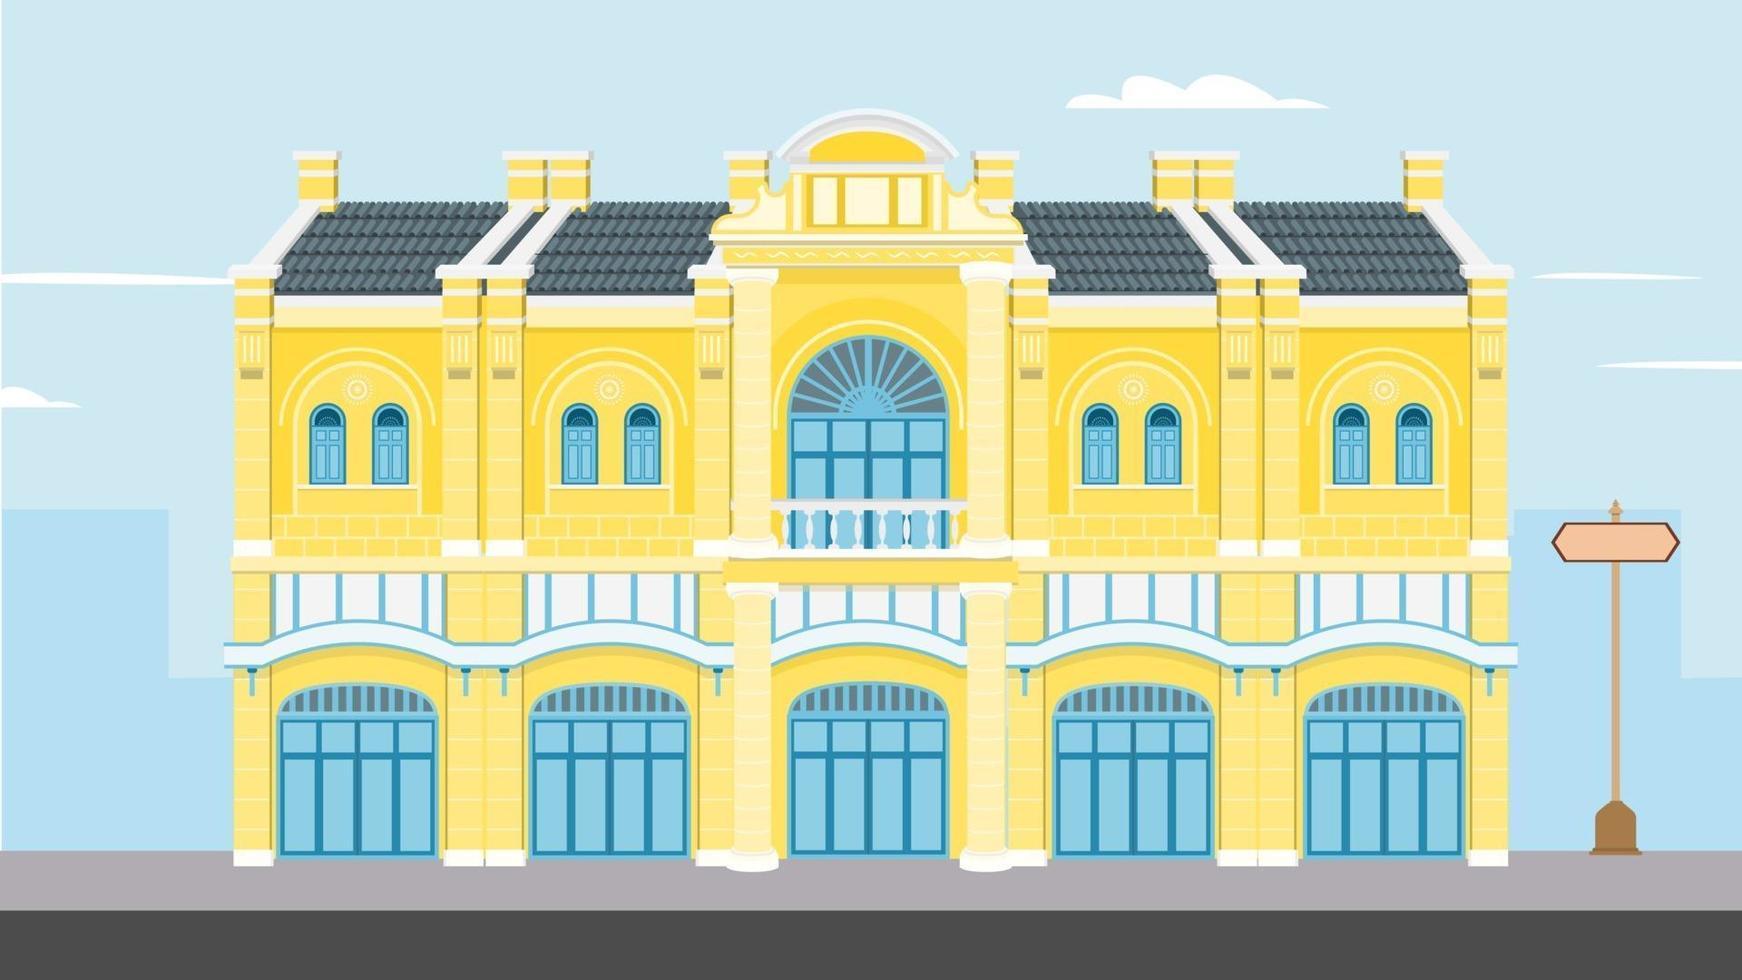 Thai Vintage Gebäude Vektor-Illustration. Regierungsgebäude auf Straßenwohnungsdesign. altes historisches Gebäude in Bangkok. klassisches Haus auf raod mit Stadthintergrund vektor